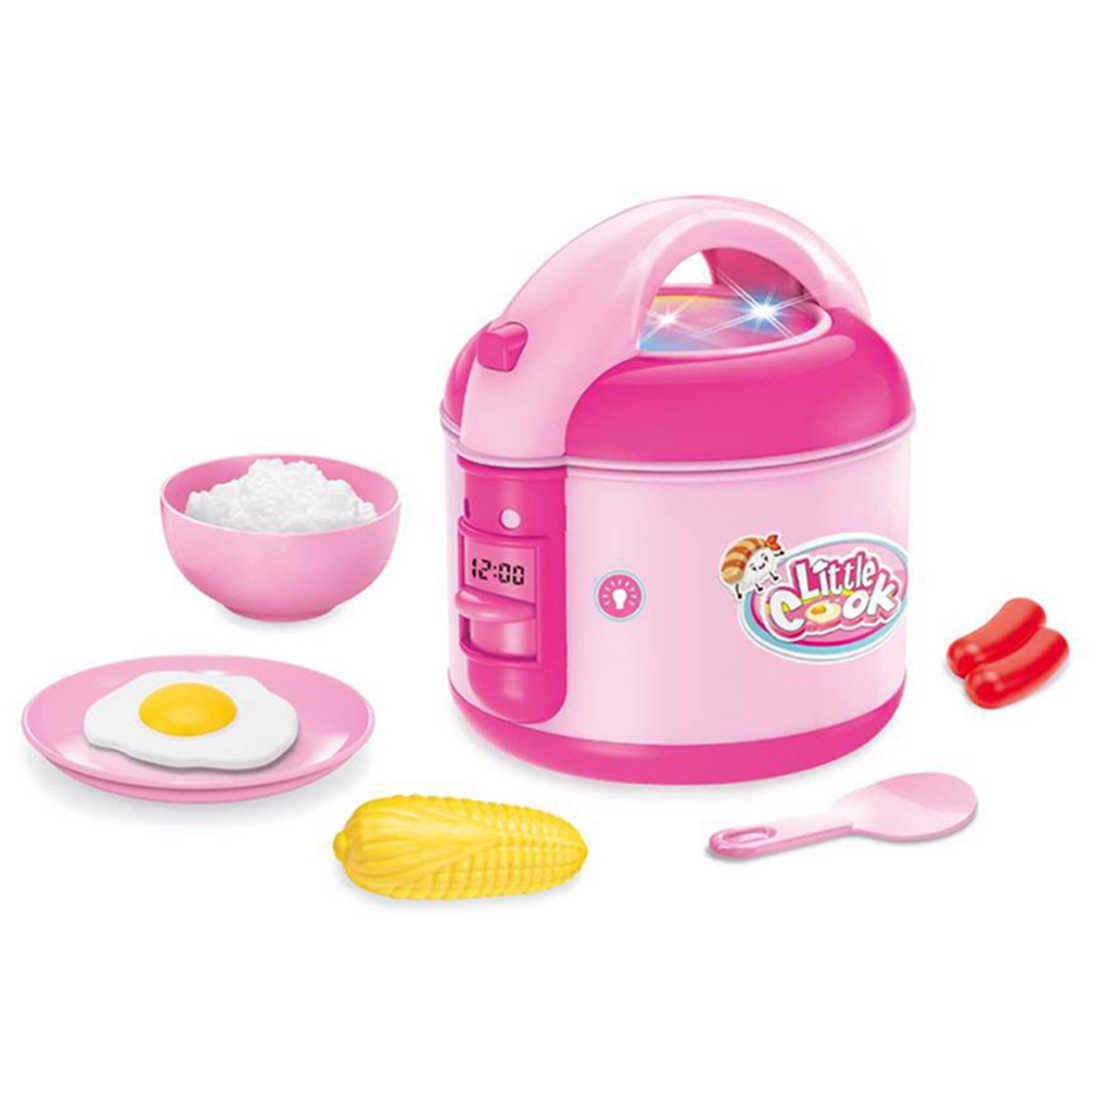 Детская электрическая плита ролевые игры изысканные блюда набор со светом и звуком дети игрушечный миксер игрушки